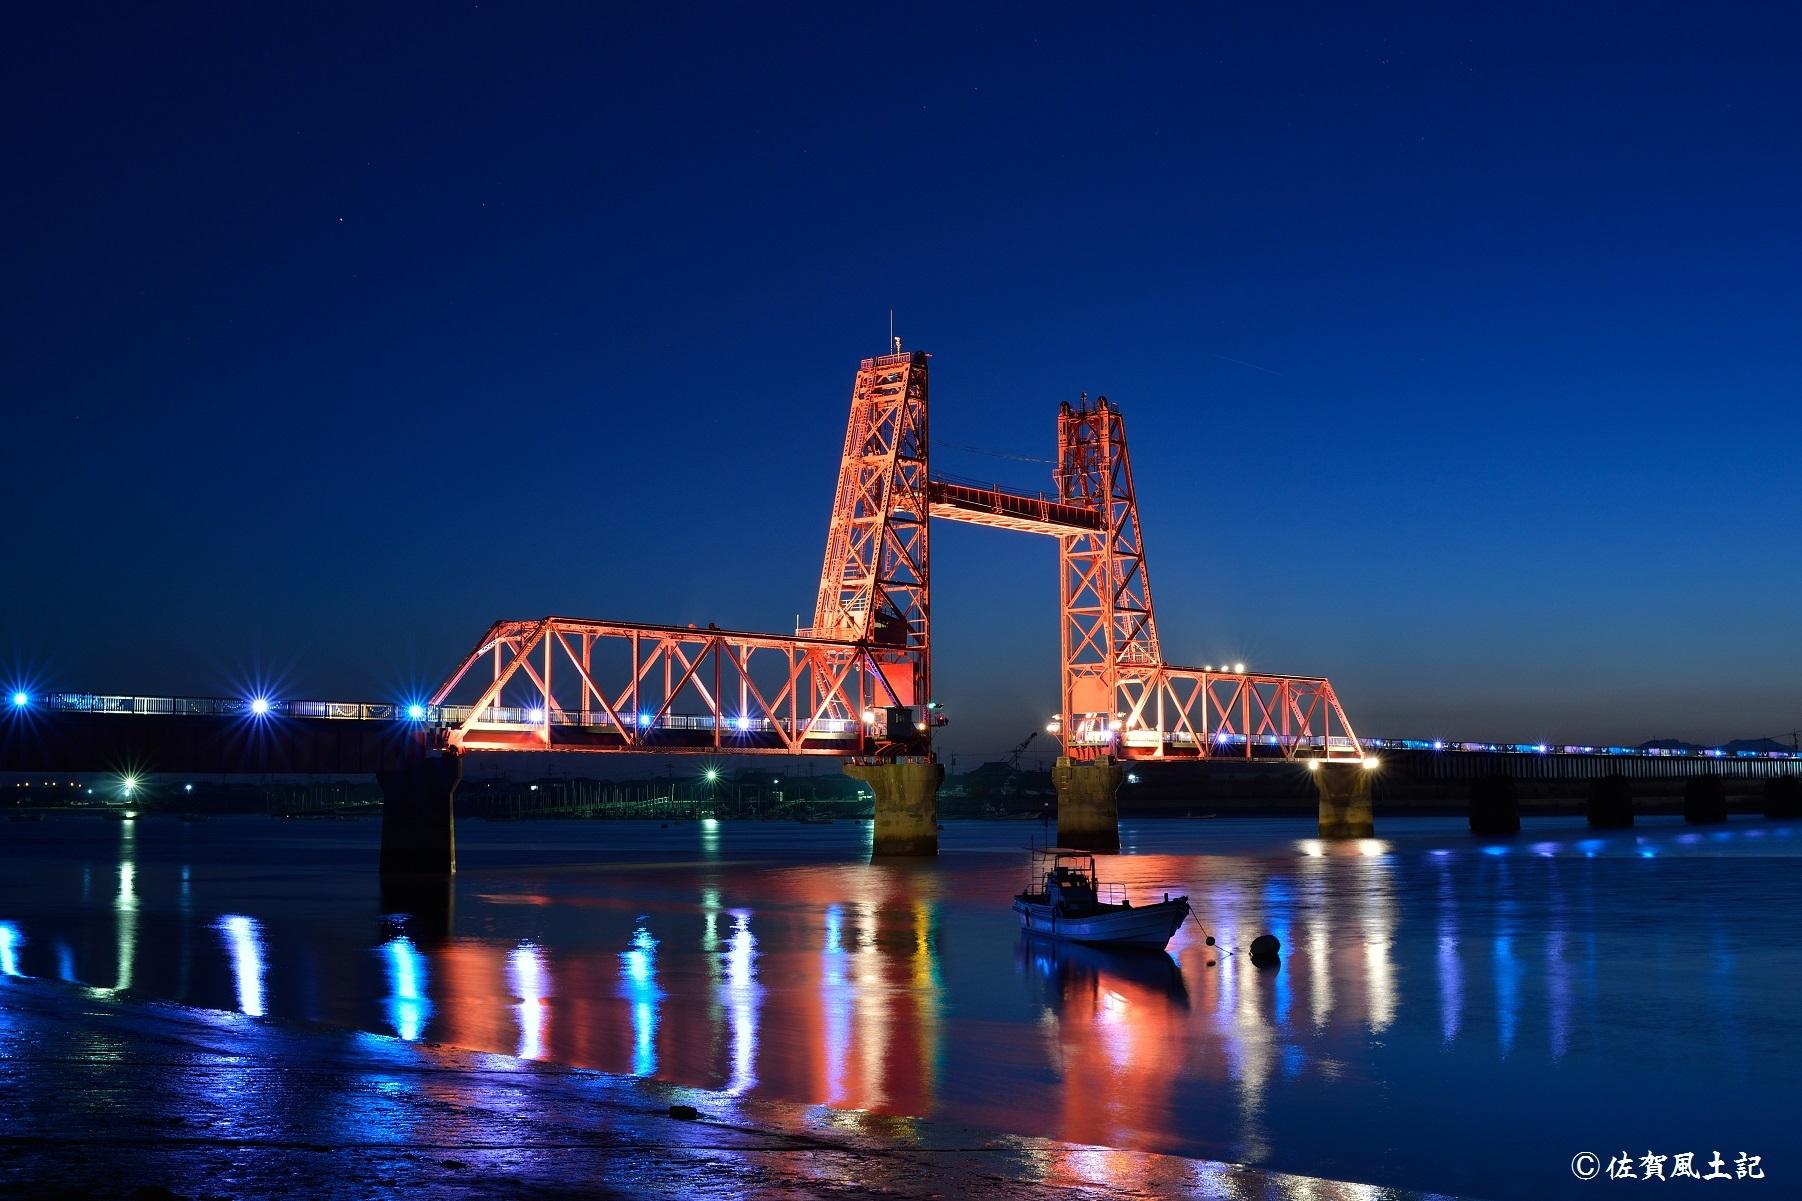 諸富昇開橋